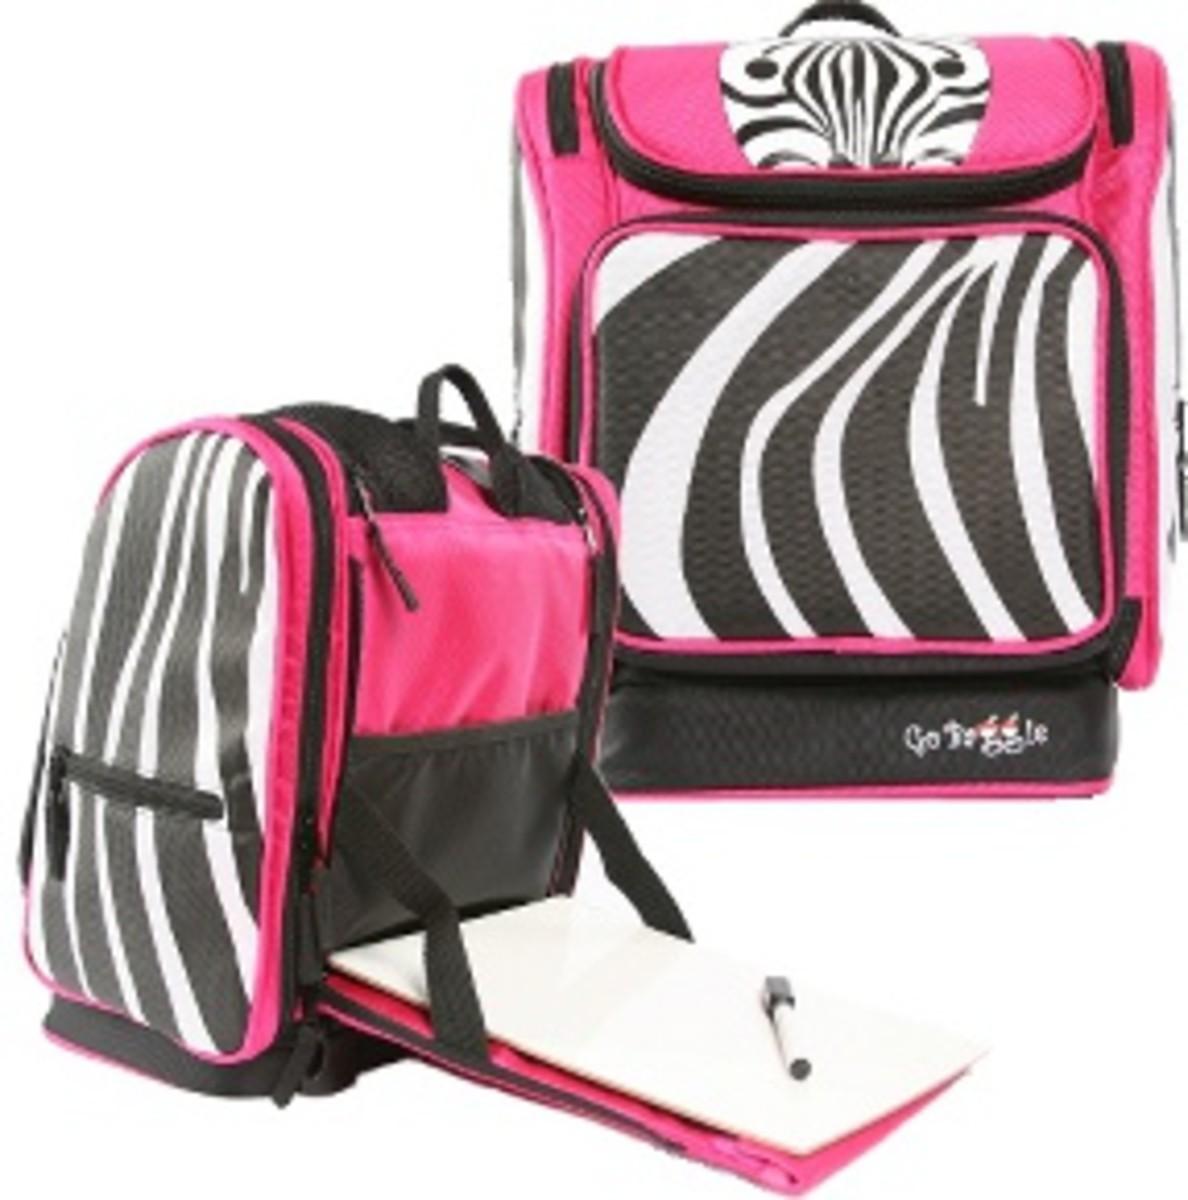 go baggie zebra